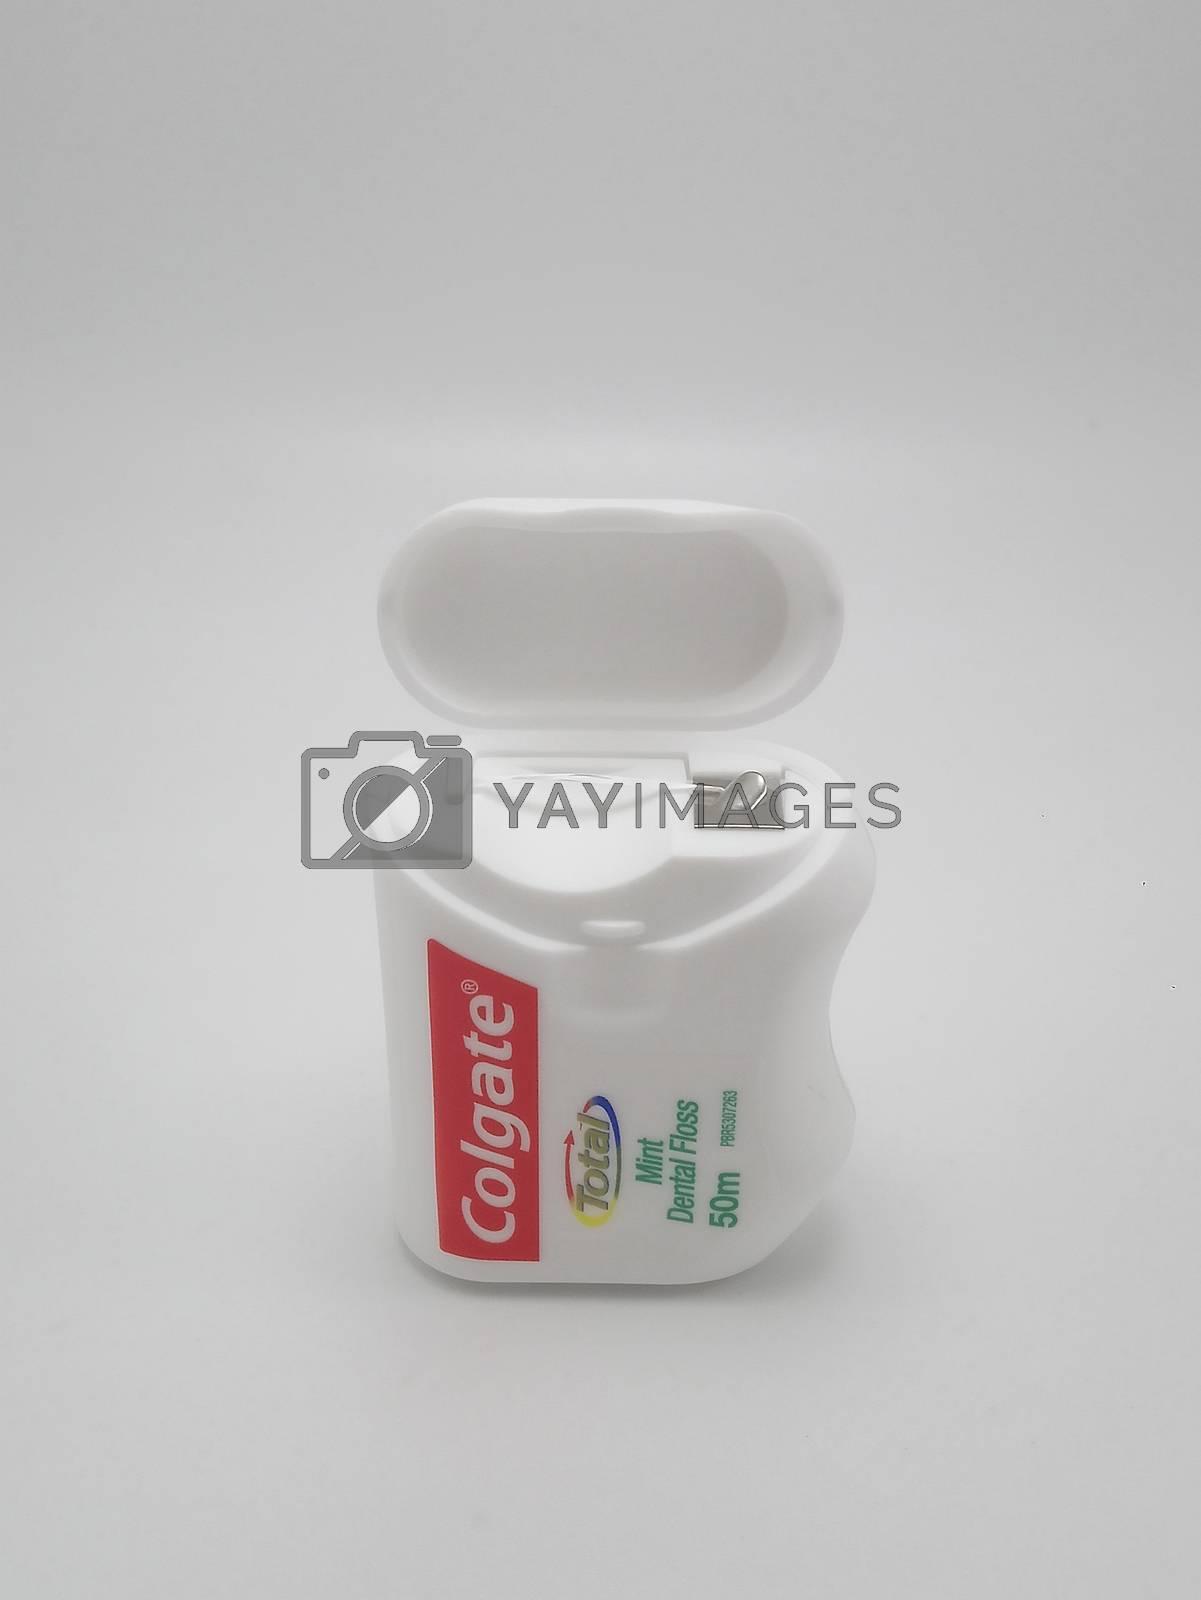 MANILA, PH - SEPT 25 - Colgate total mint dental floss on September 25, 2020 in Manila, Philippines.